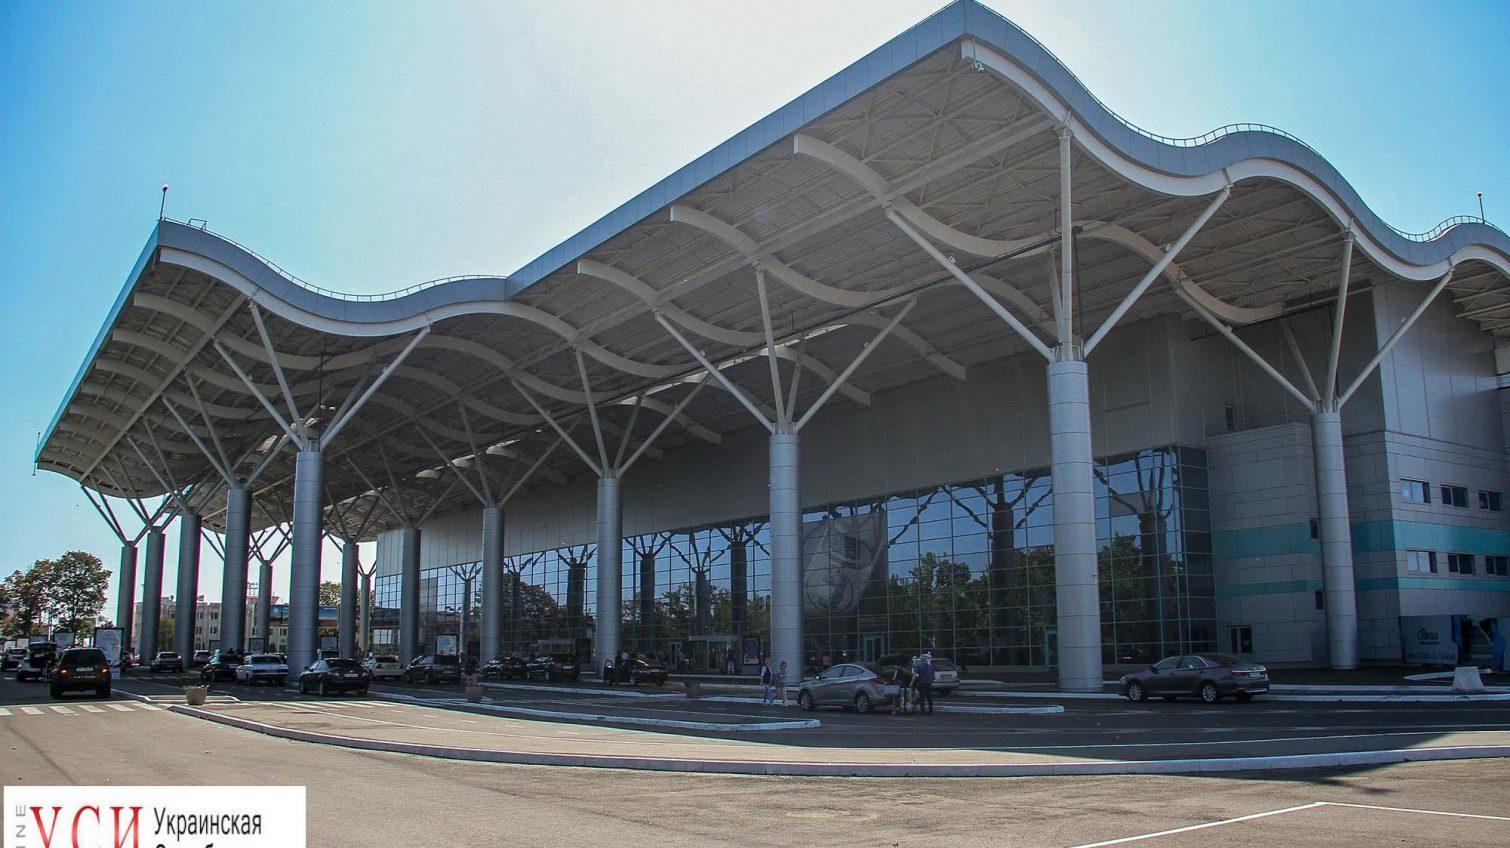 Новый терминал аэропорта «Одесса» открылся для пассажиров международных рейсов (фоторепортаж) «фото»